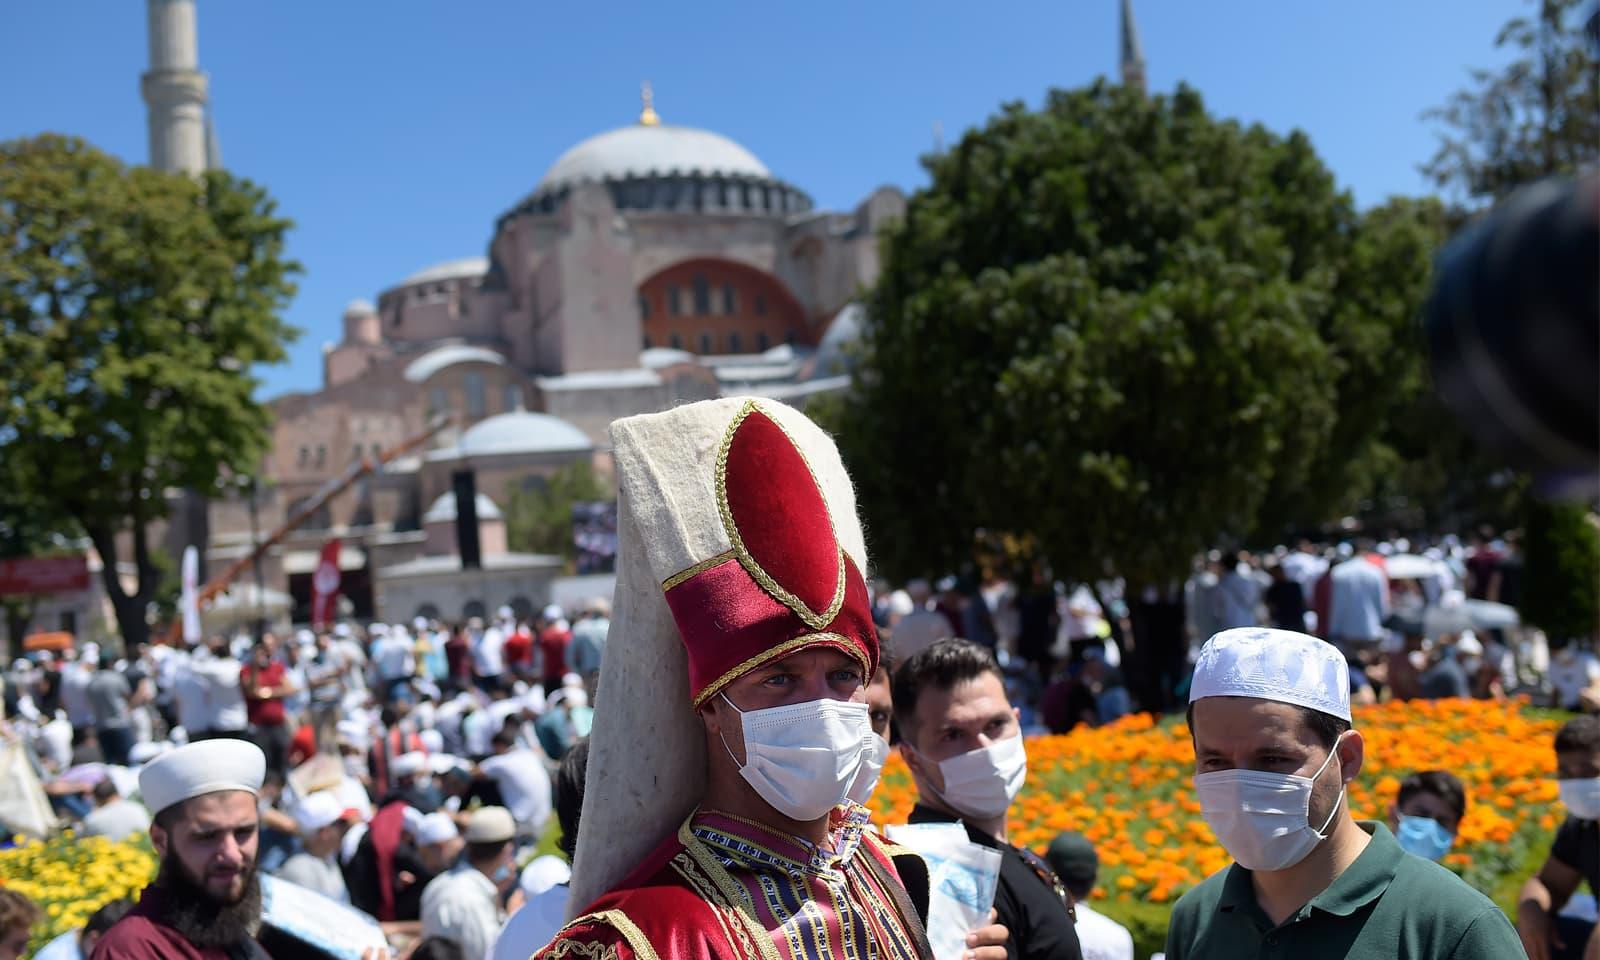 آیا صوفیہ میں ںماز کی ادائیگی کے موقع پر ایک شخص خلافت ِ عثمانیہ کے دور کے لباس میں موجود ہے — فوٹو:اے پی